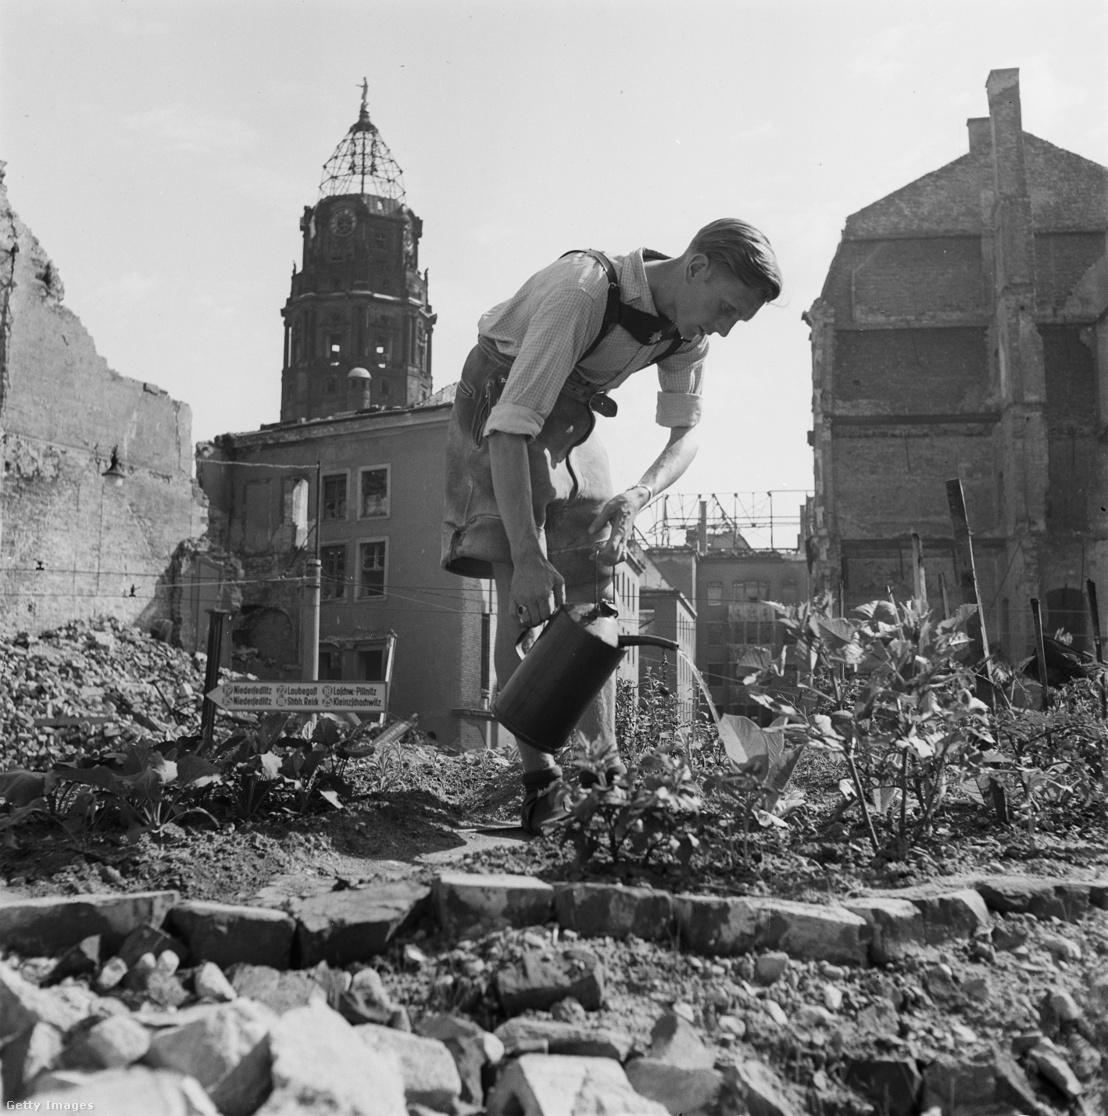 Egy férfi zöldségeket öntöz a lebombázott Drezda romjai között 1947-ben